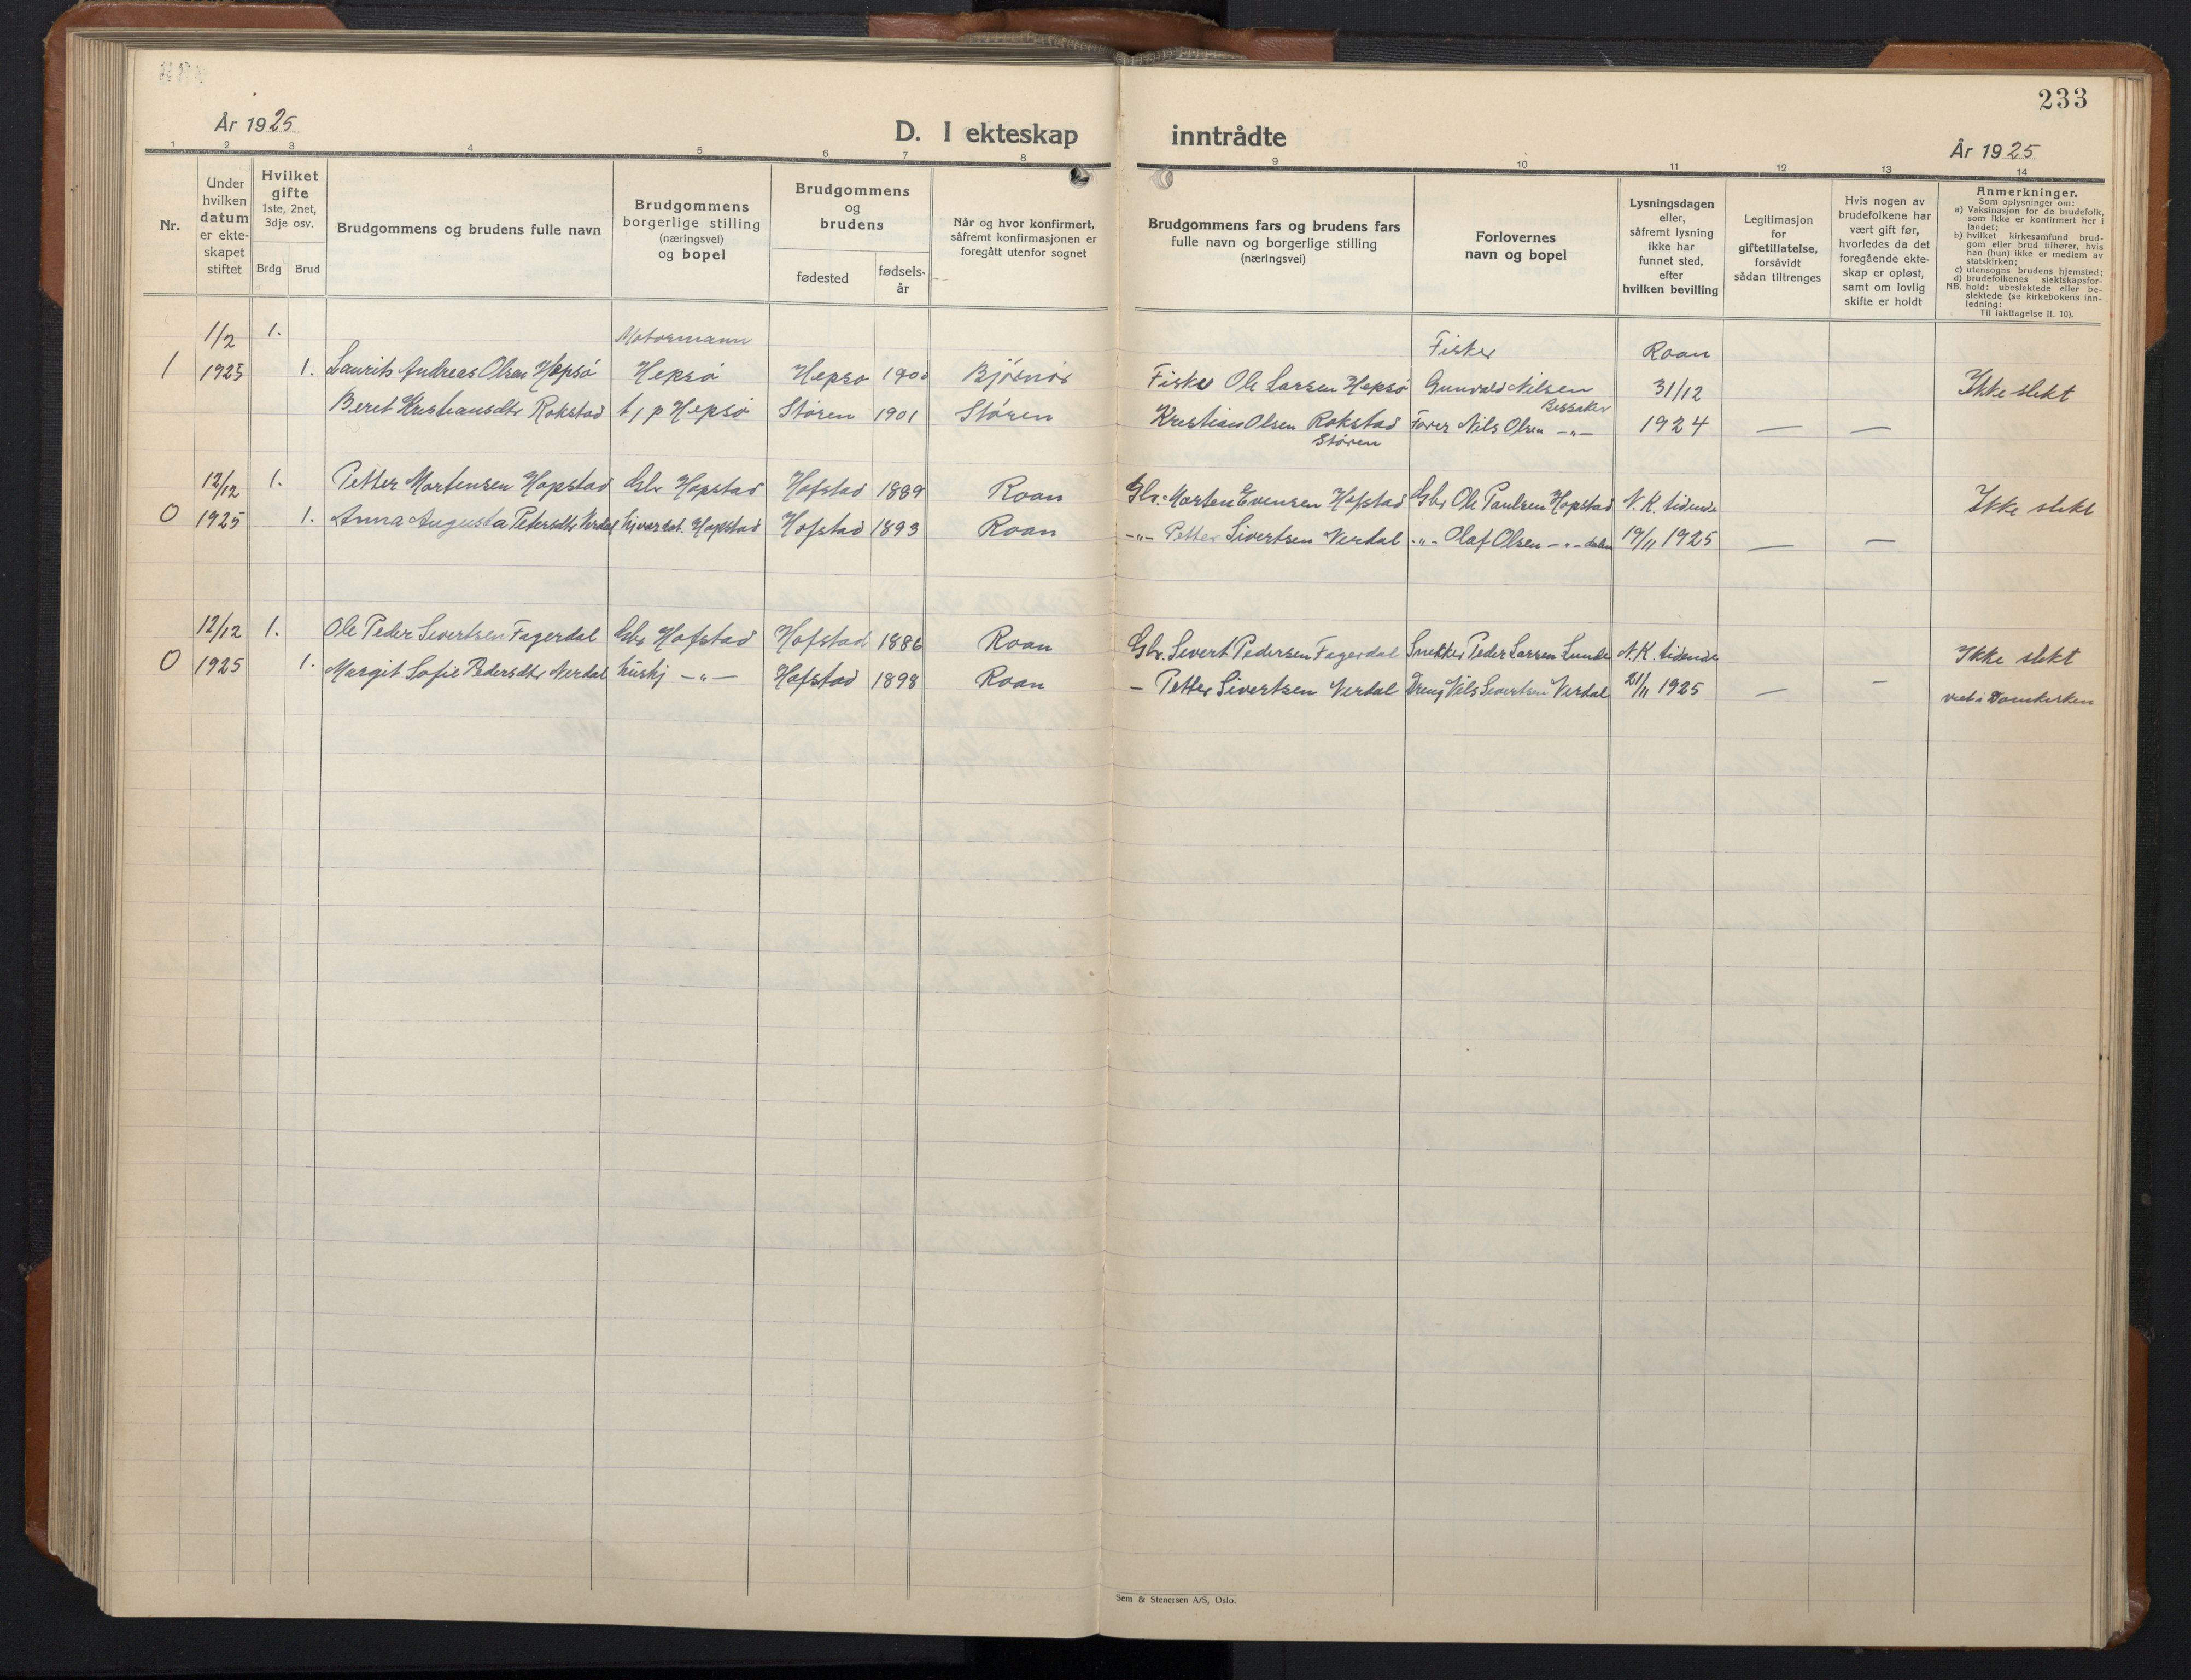 SAT, Ministerialprotokoller, klokkerbøker og fødselsregistre - Sør-Trøndelag, 657/L0718: Klokkerbok nr. 657C05, 1923-1948, s. 233